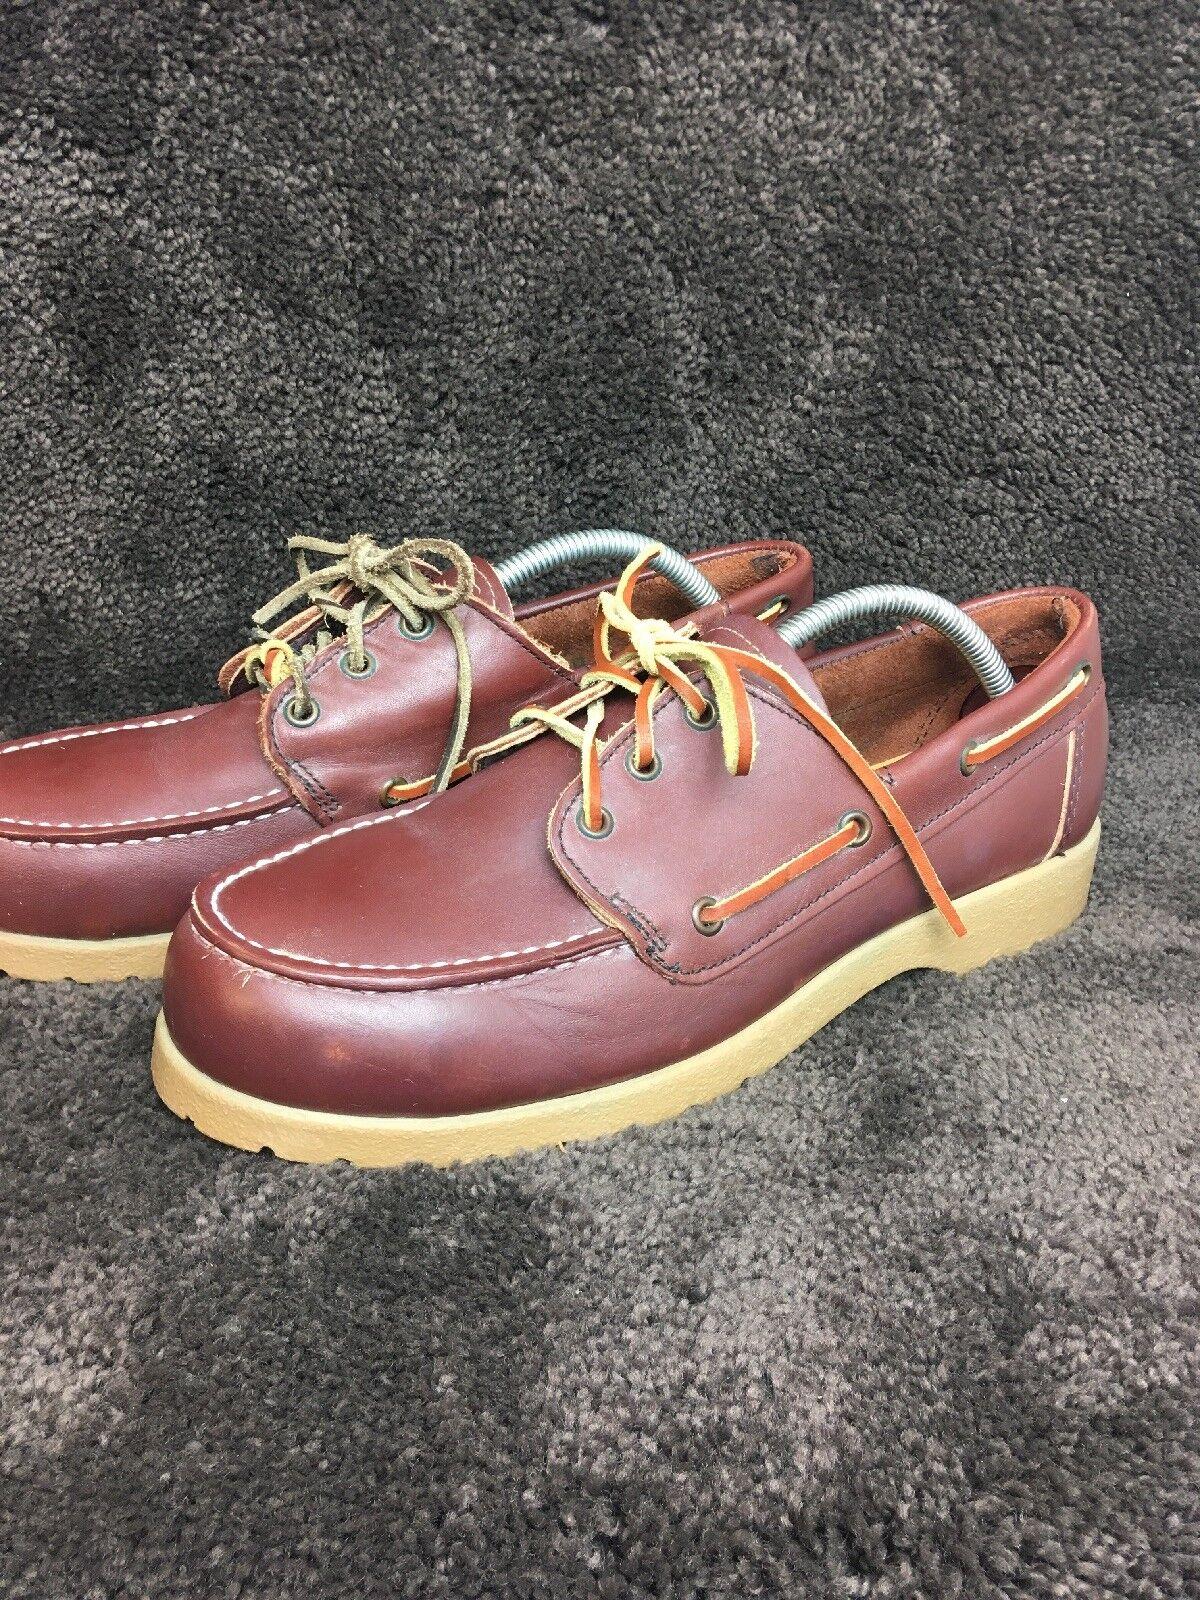 Zapatos de ala Roja, dedos de acero, vino rojo, alas rojas, suelas de zapatos, talla 9 d 301.